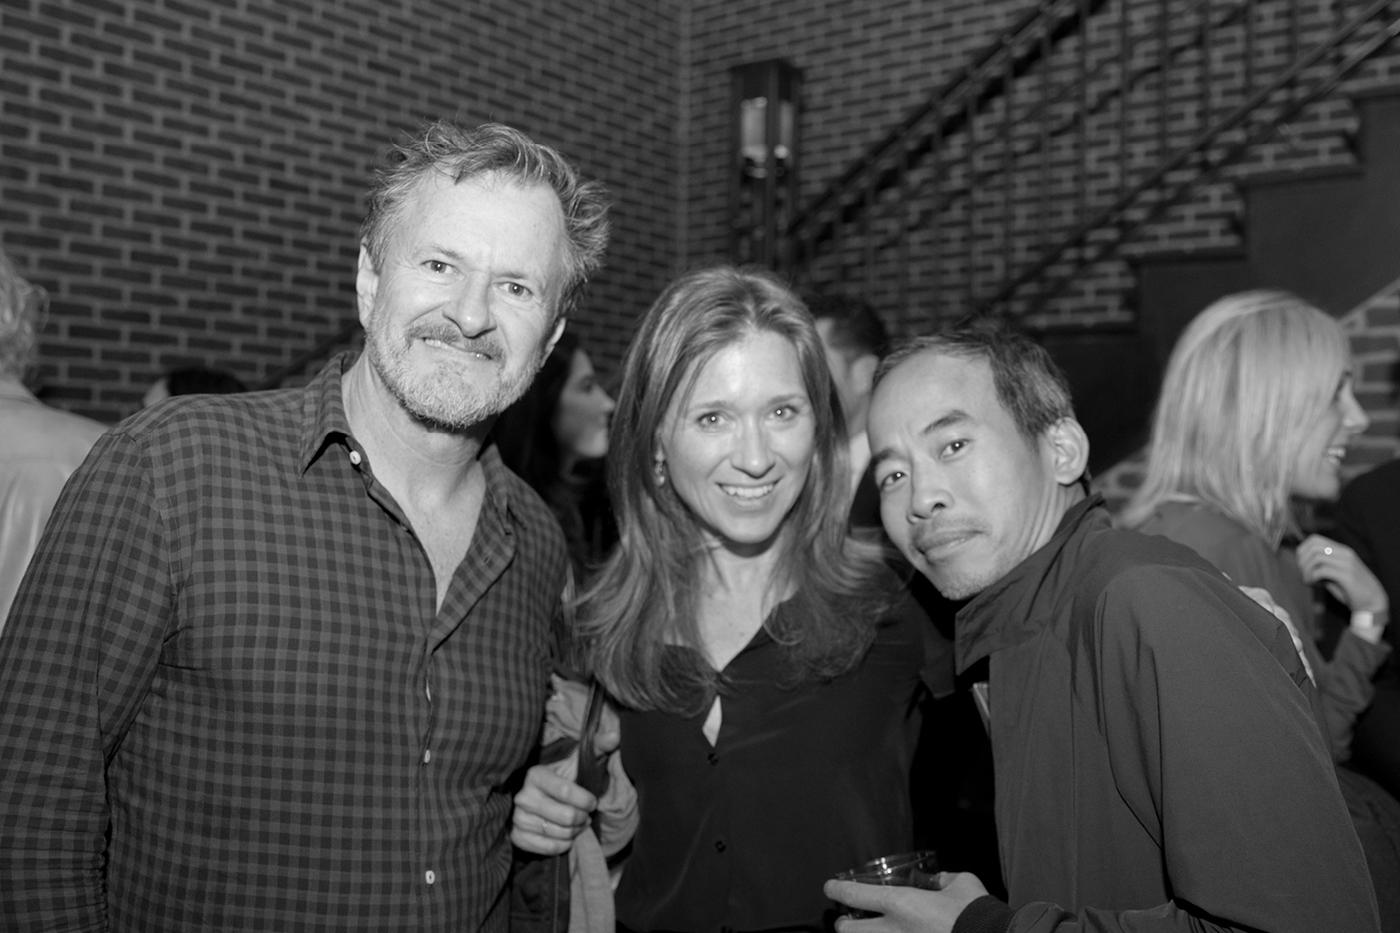 Tod Maitland, Sarah Maitland, and Peter Poopat